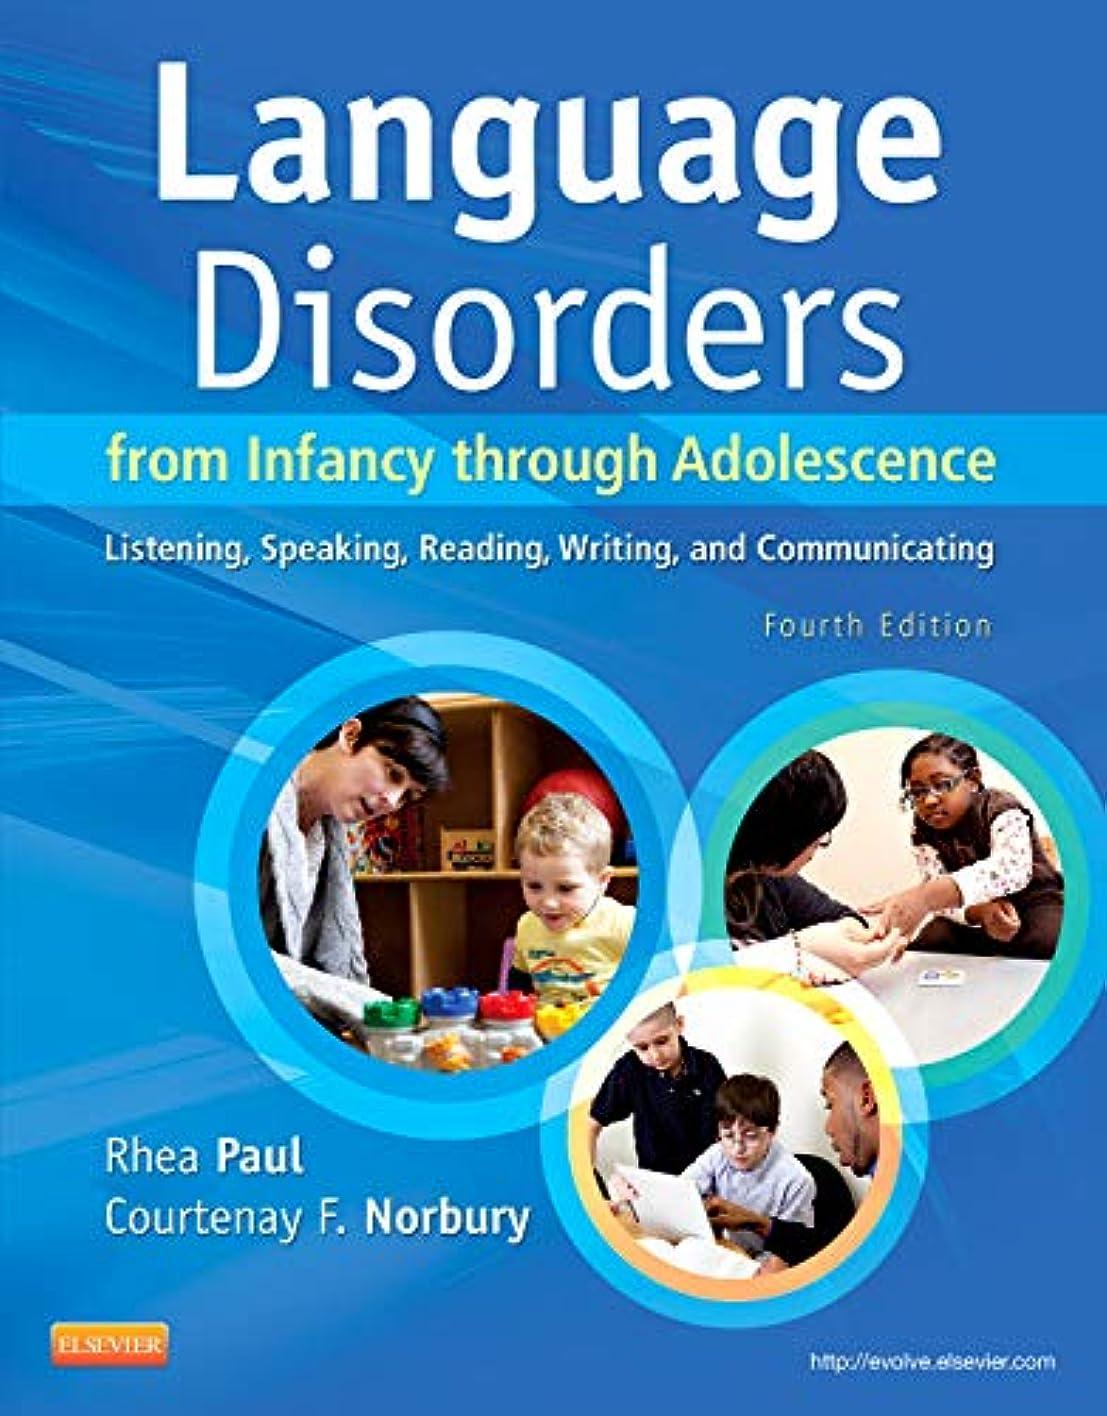 歌手伝染性の下Language Disorders from Infancy through Adolescence: Listening, Speaking, Reading, Writing, and Communicating, 4e